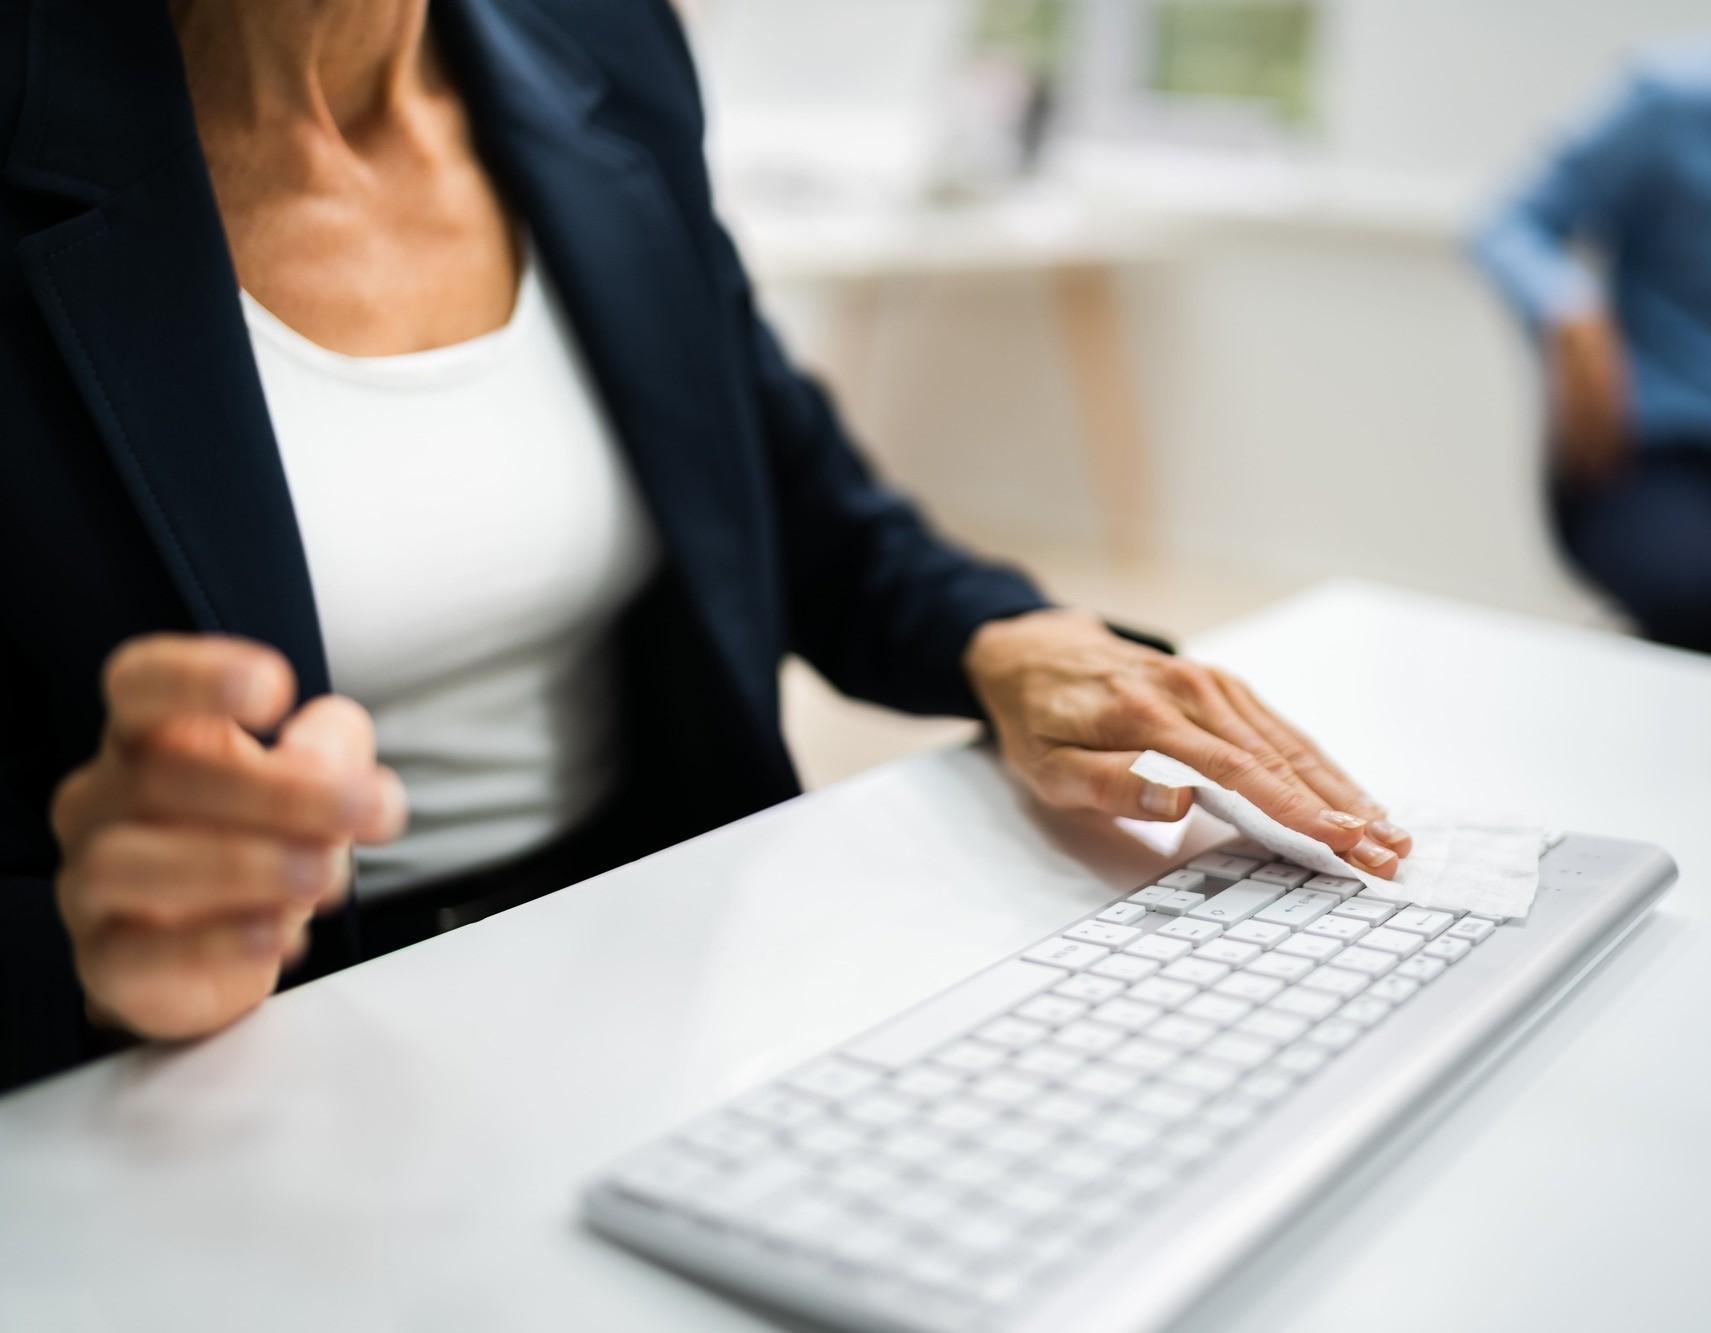 une femme nettoie son clavier d'ordinateur avec une lingette